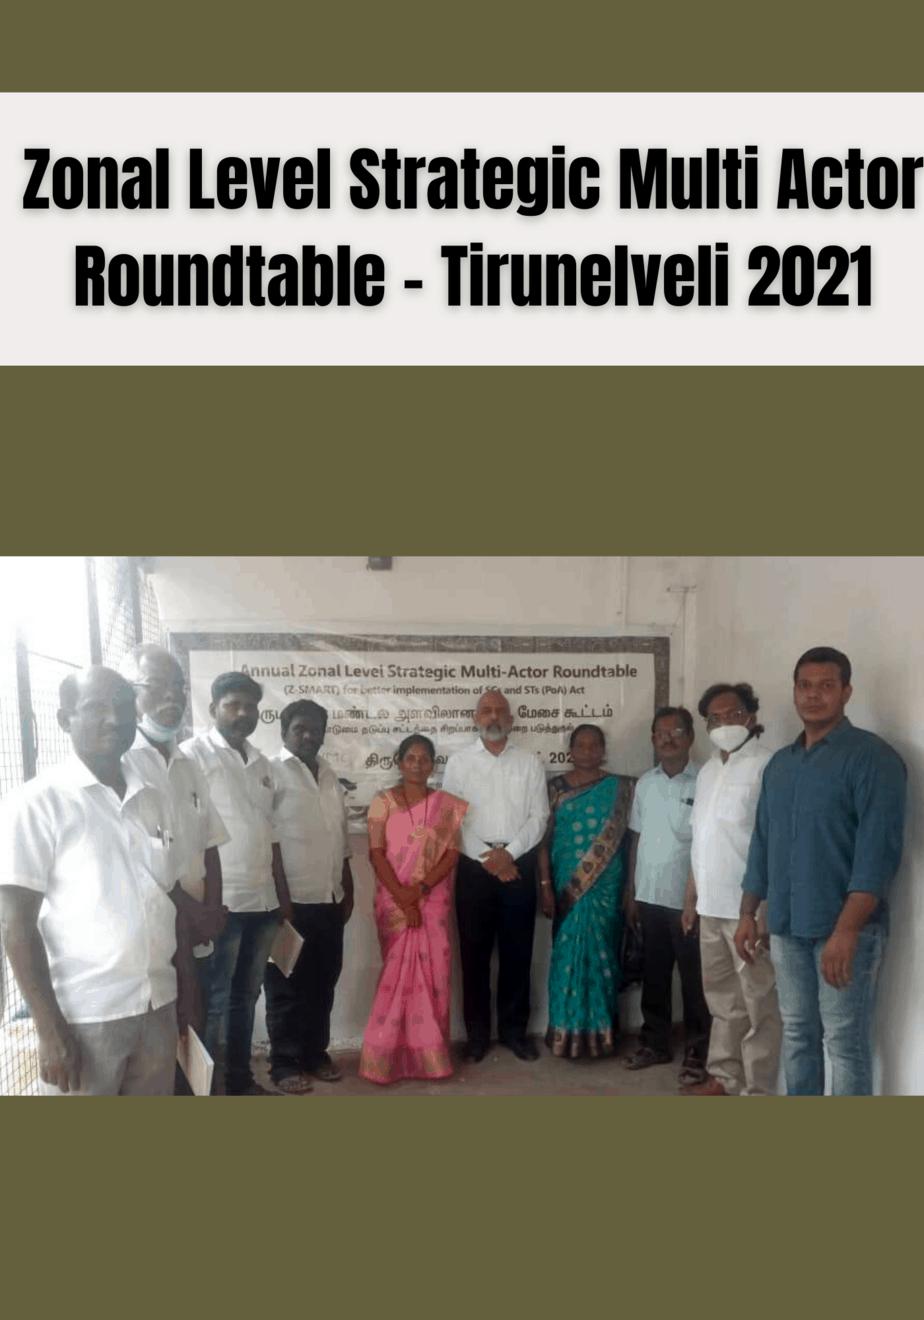 Annual Z-SMART 2021 – Tirunelveli